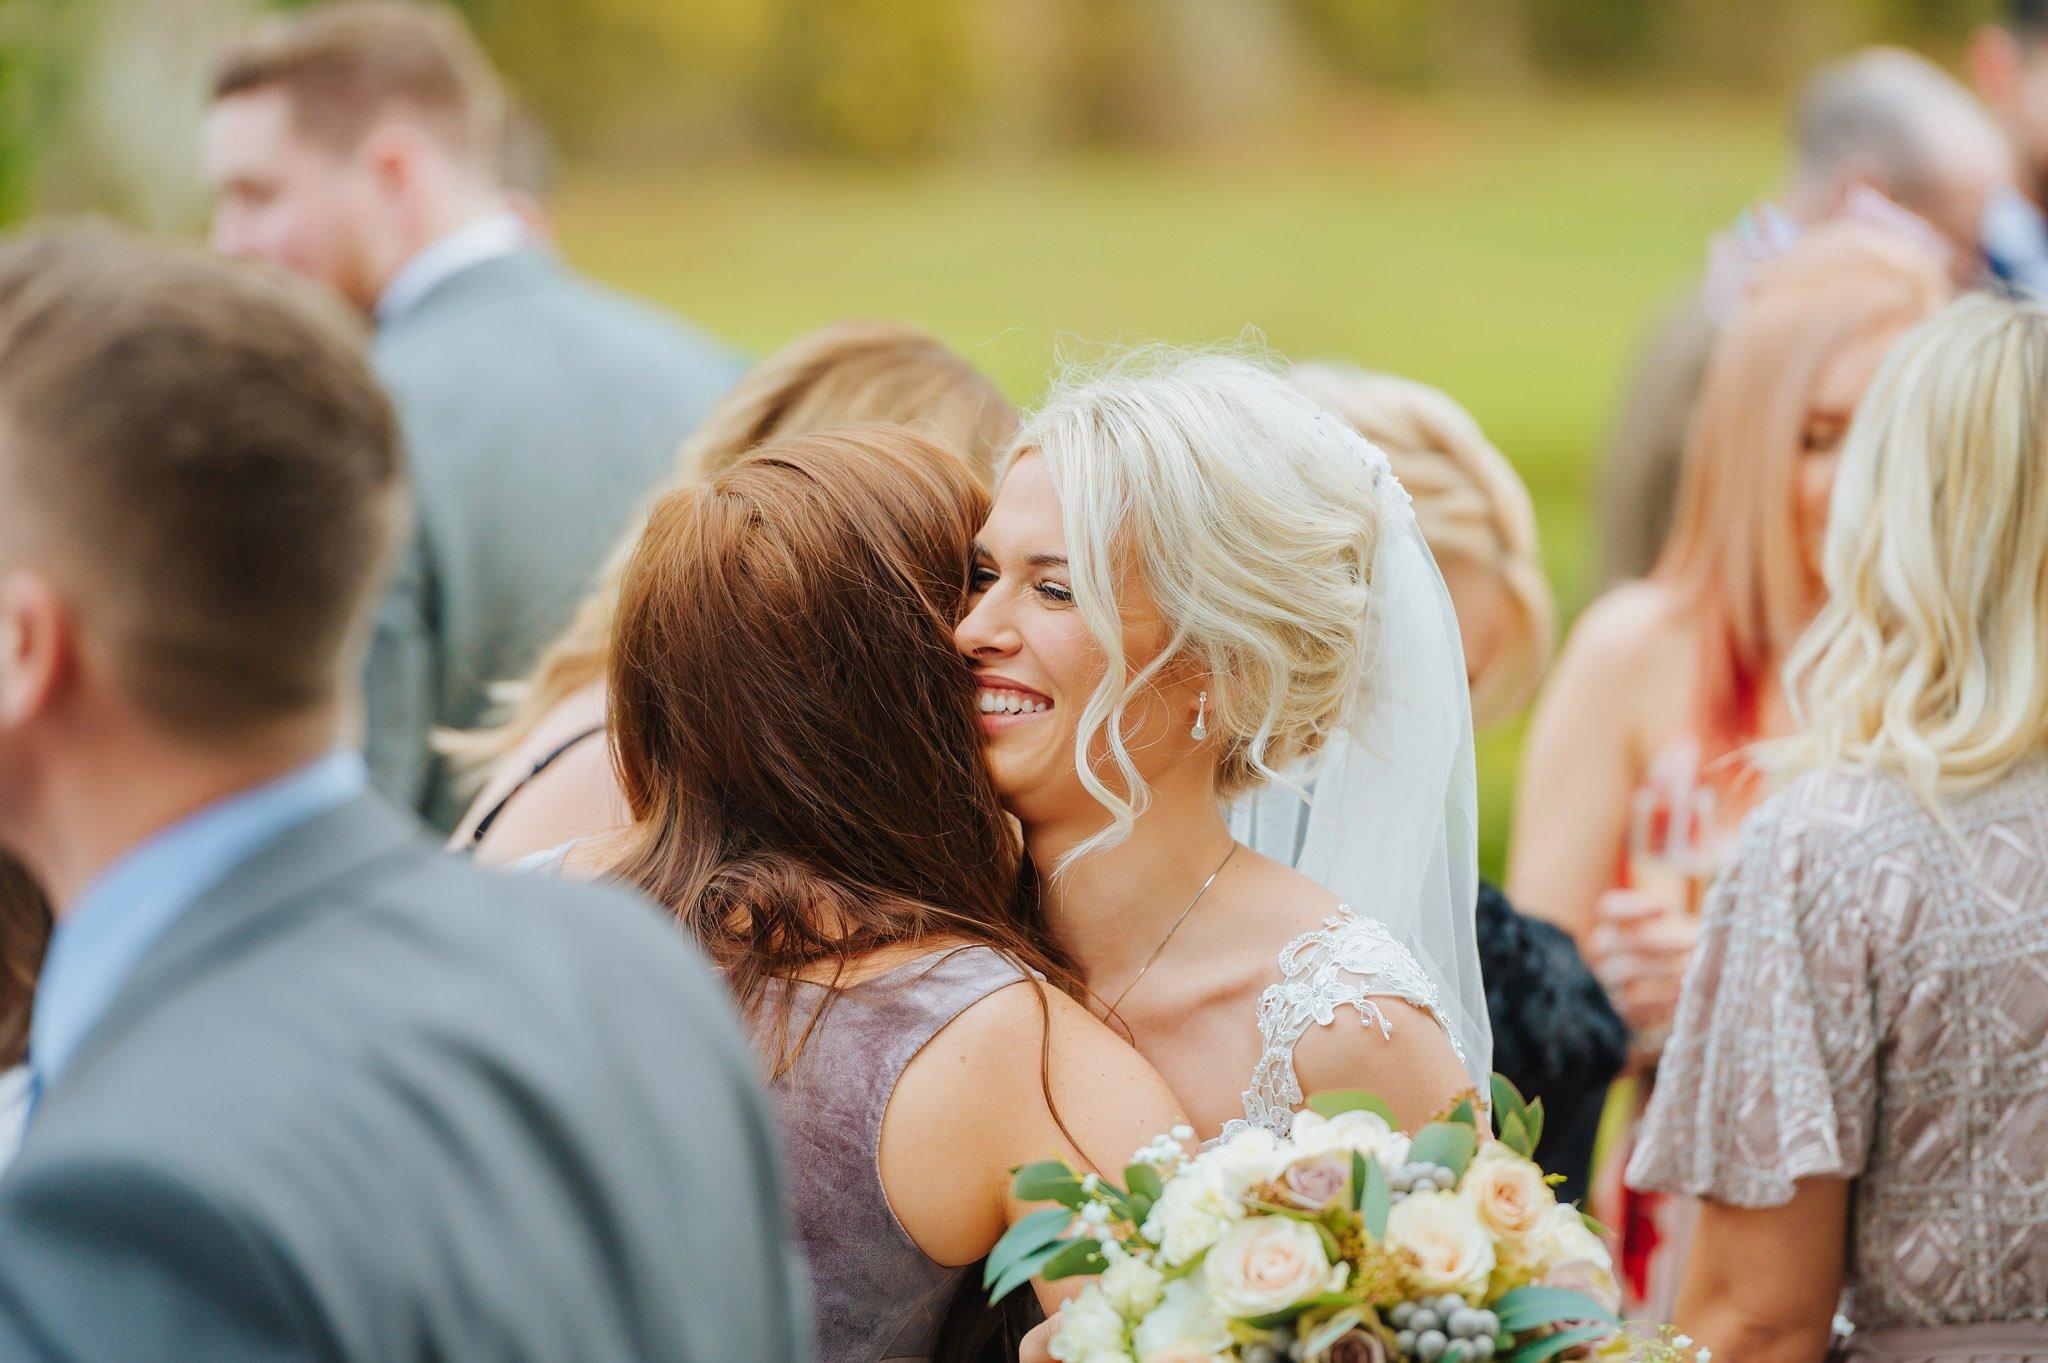 Lemore Manor wedding, Herefordshire - West Midlands | Sadie + Ken 40